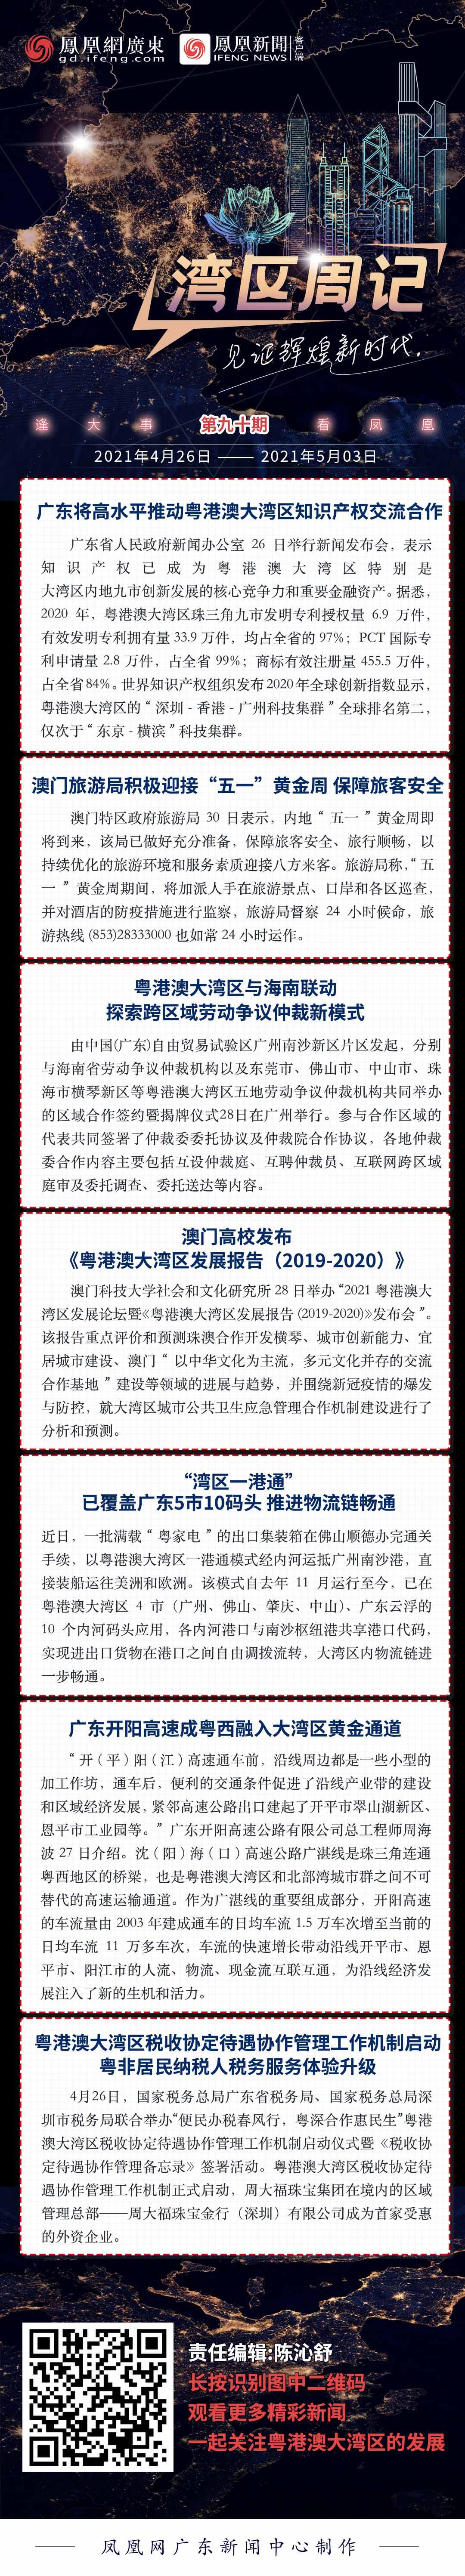 湾区周记No.90丨广东将高水平推动粤港澳大湾区知识产权交流合作